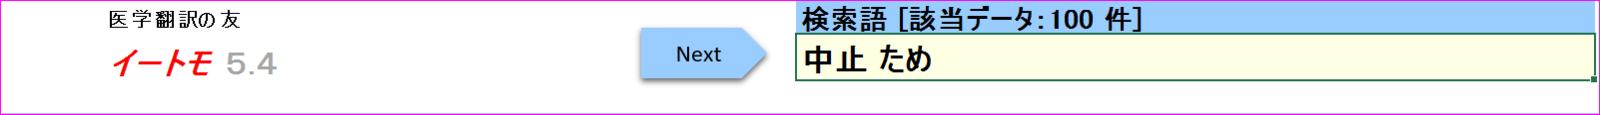 Chushi1